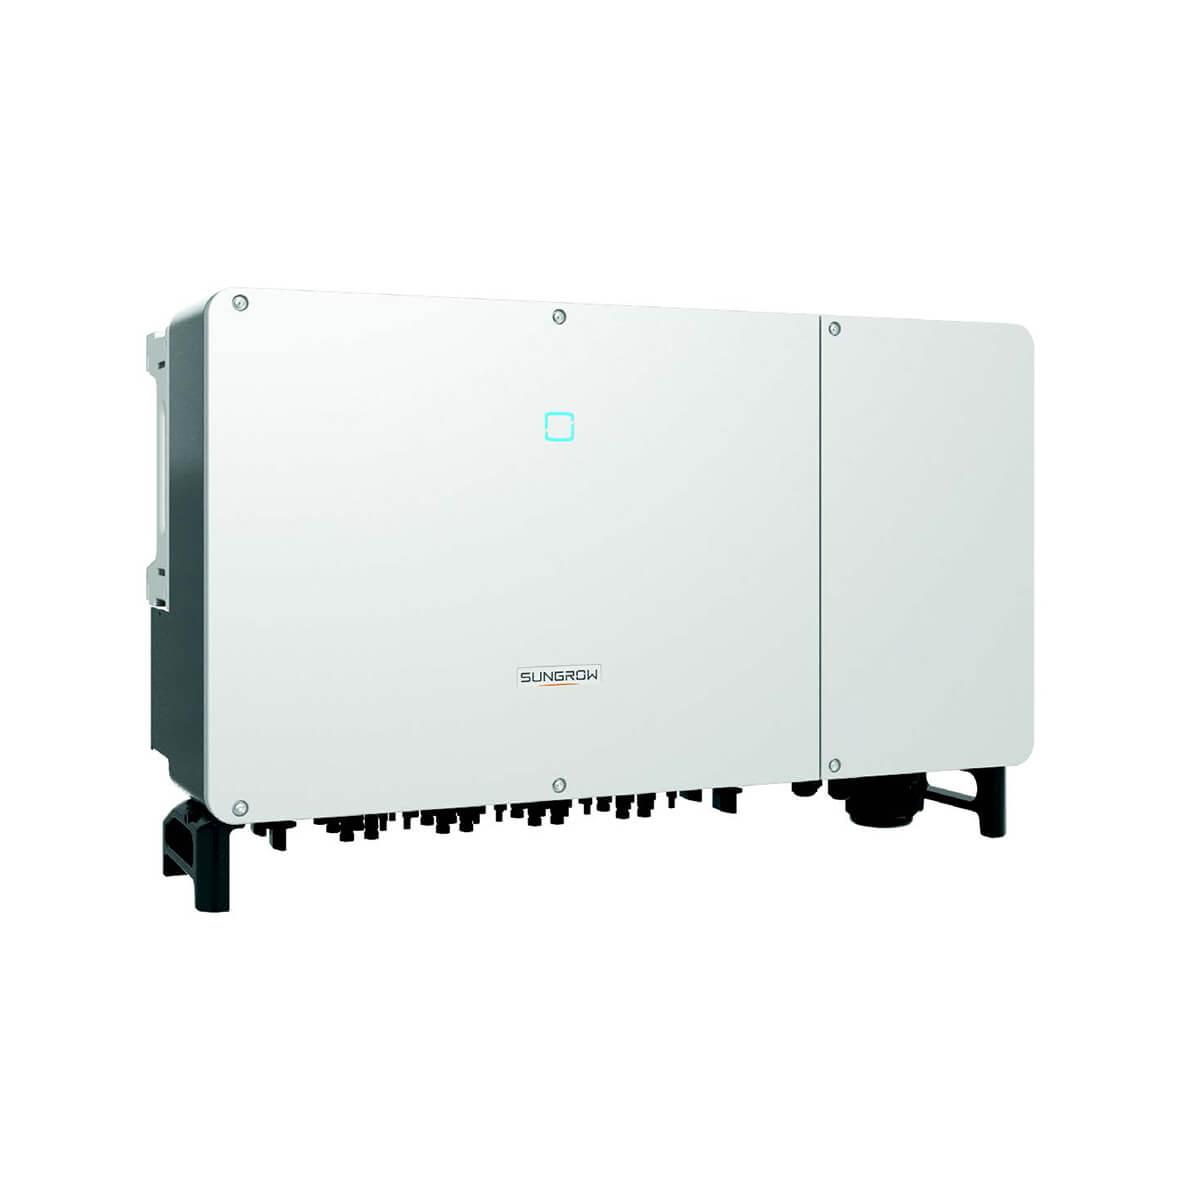 sungrow 250kW inverter, sungrow sg250hx 250kW inverter, sungrow sg250hx inverter, sungrow sg250hx, sungrow sg250hx 250 kW